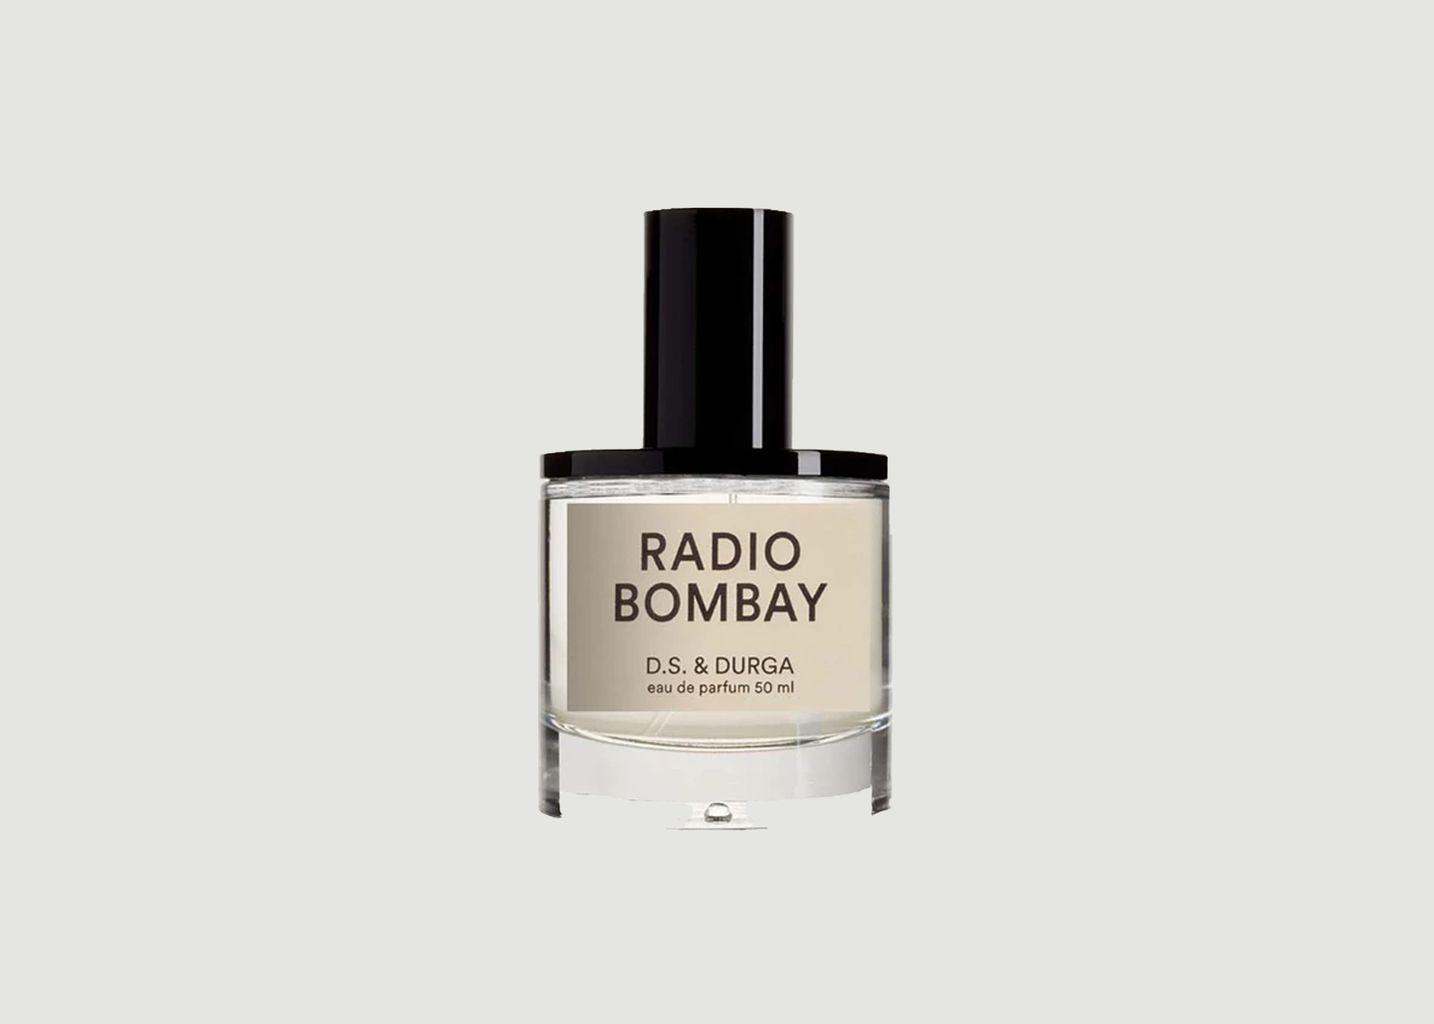 Eau de Parfum Radio Bombay 50ML - D.S. & DURGA